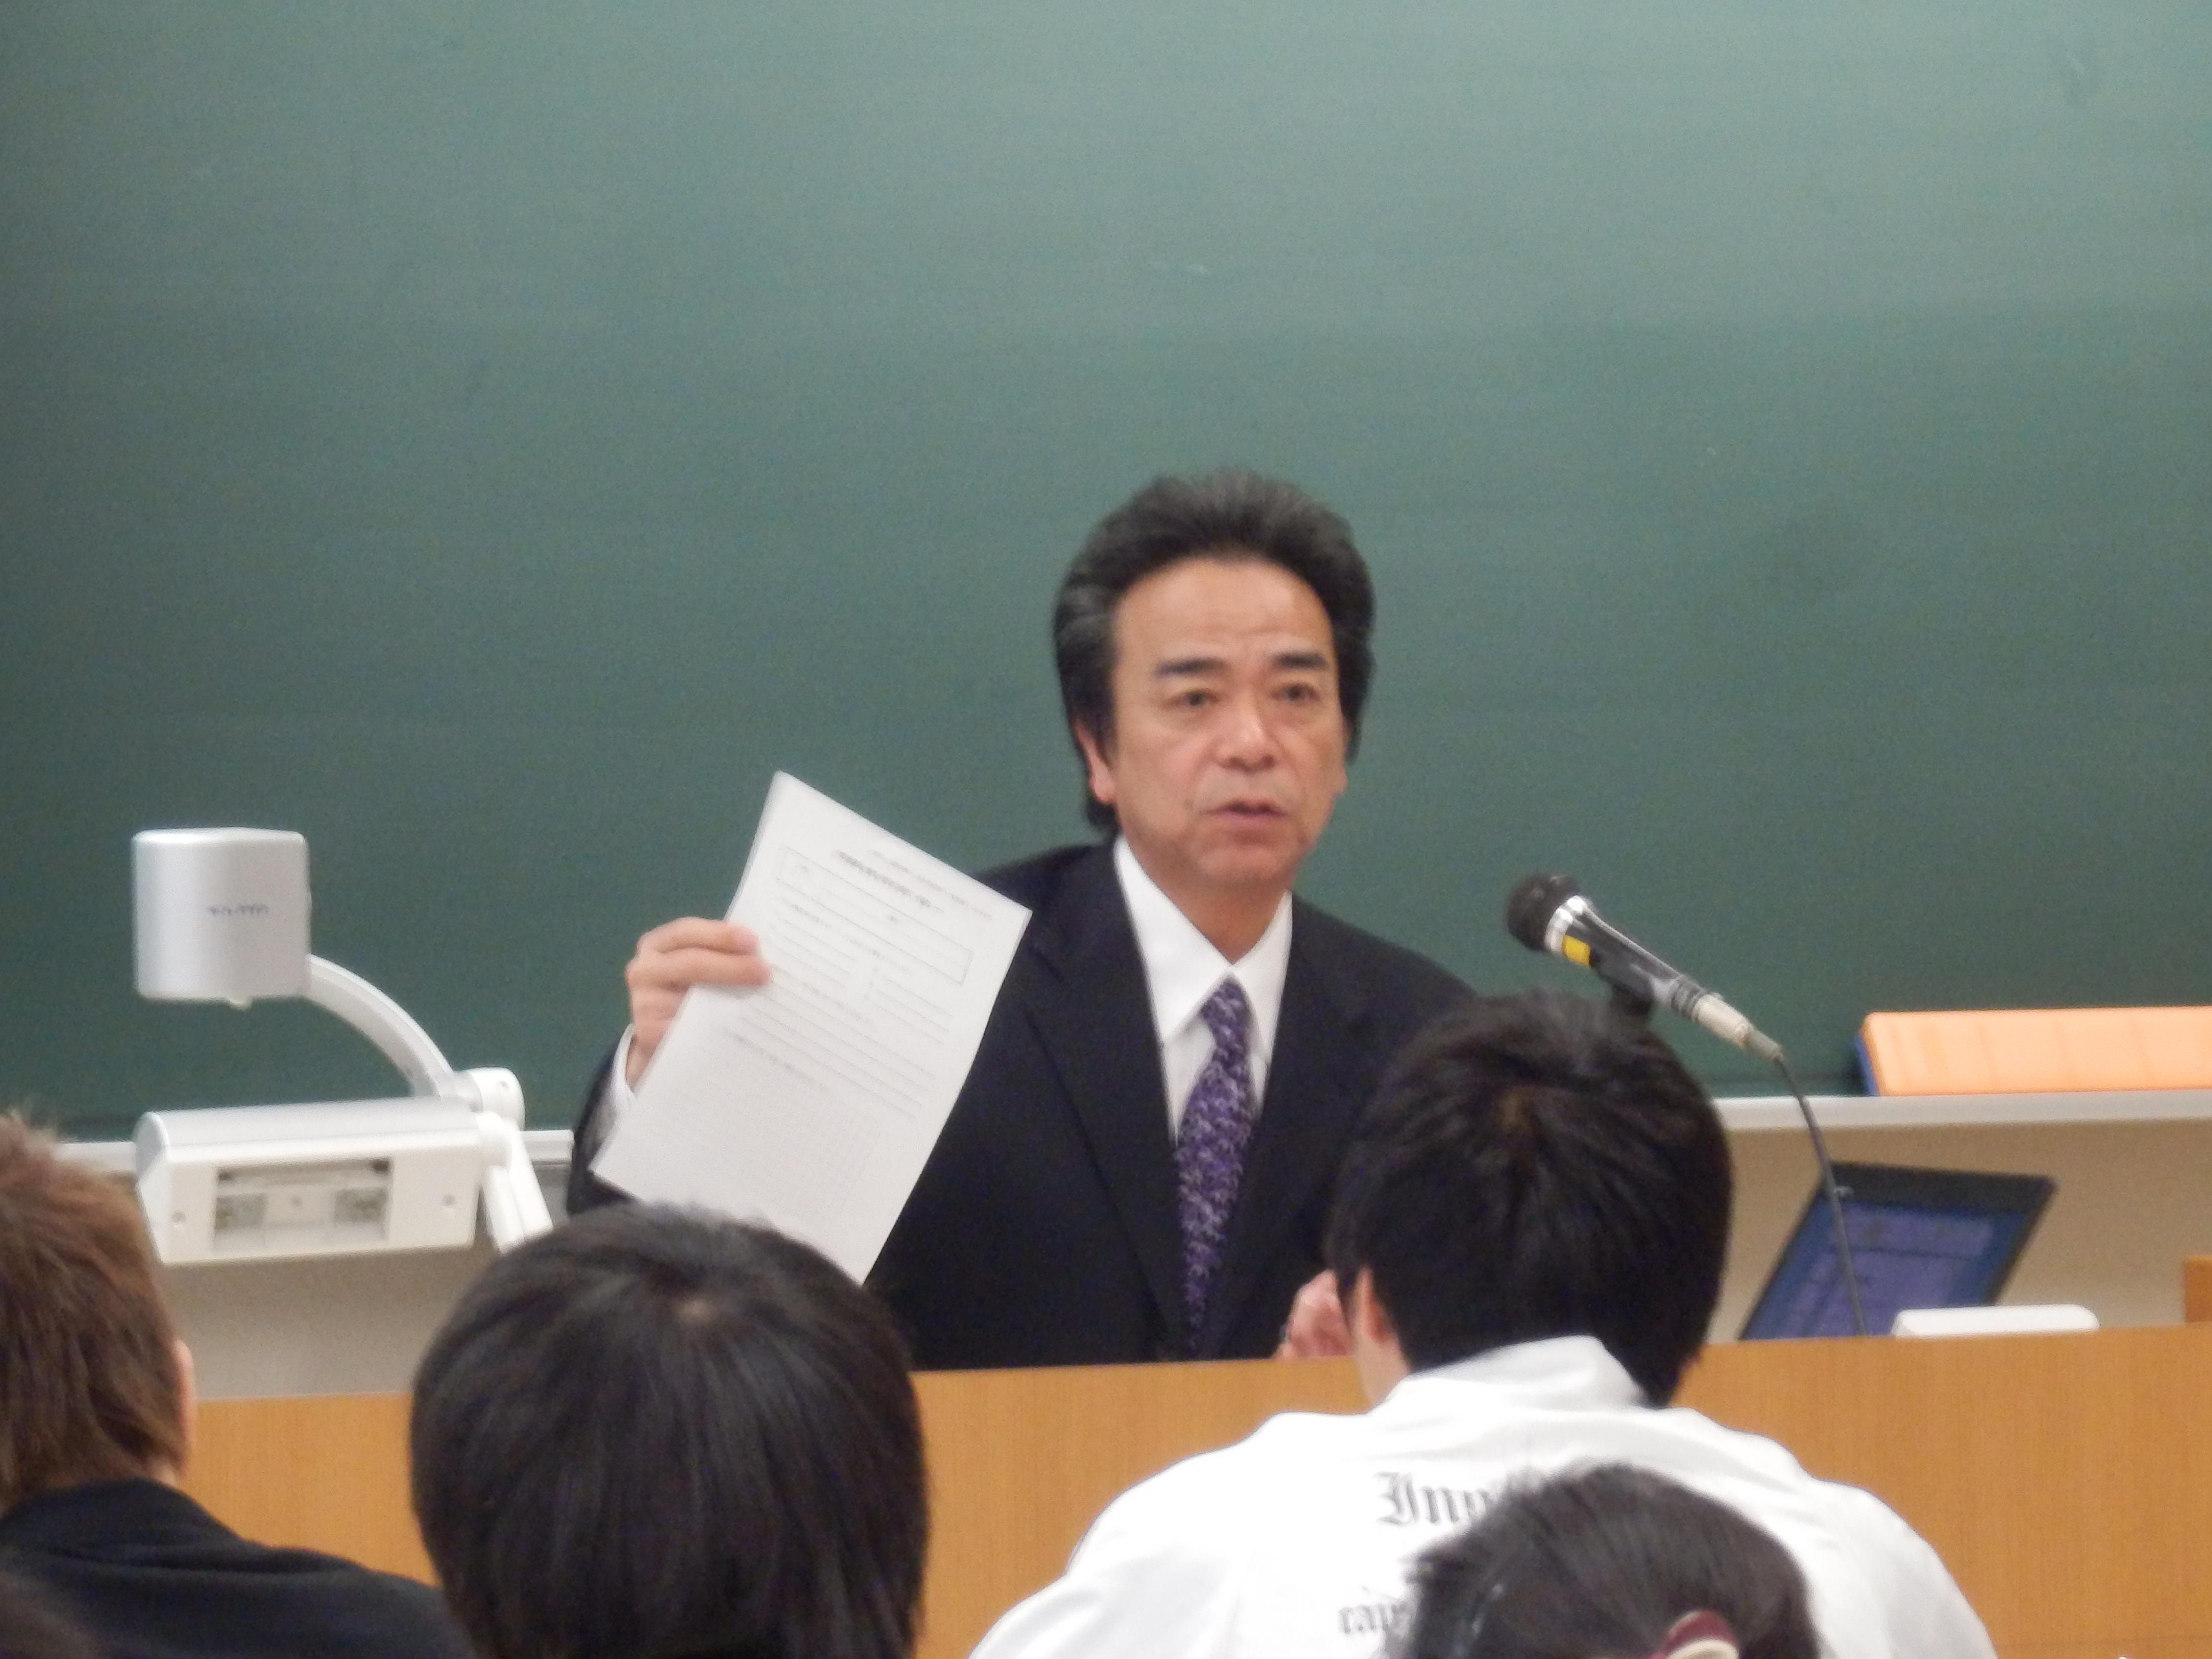 講師の春名貢氏